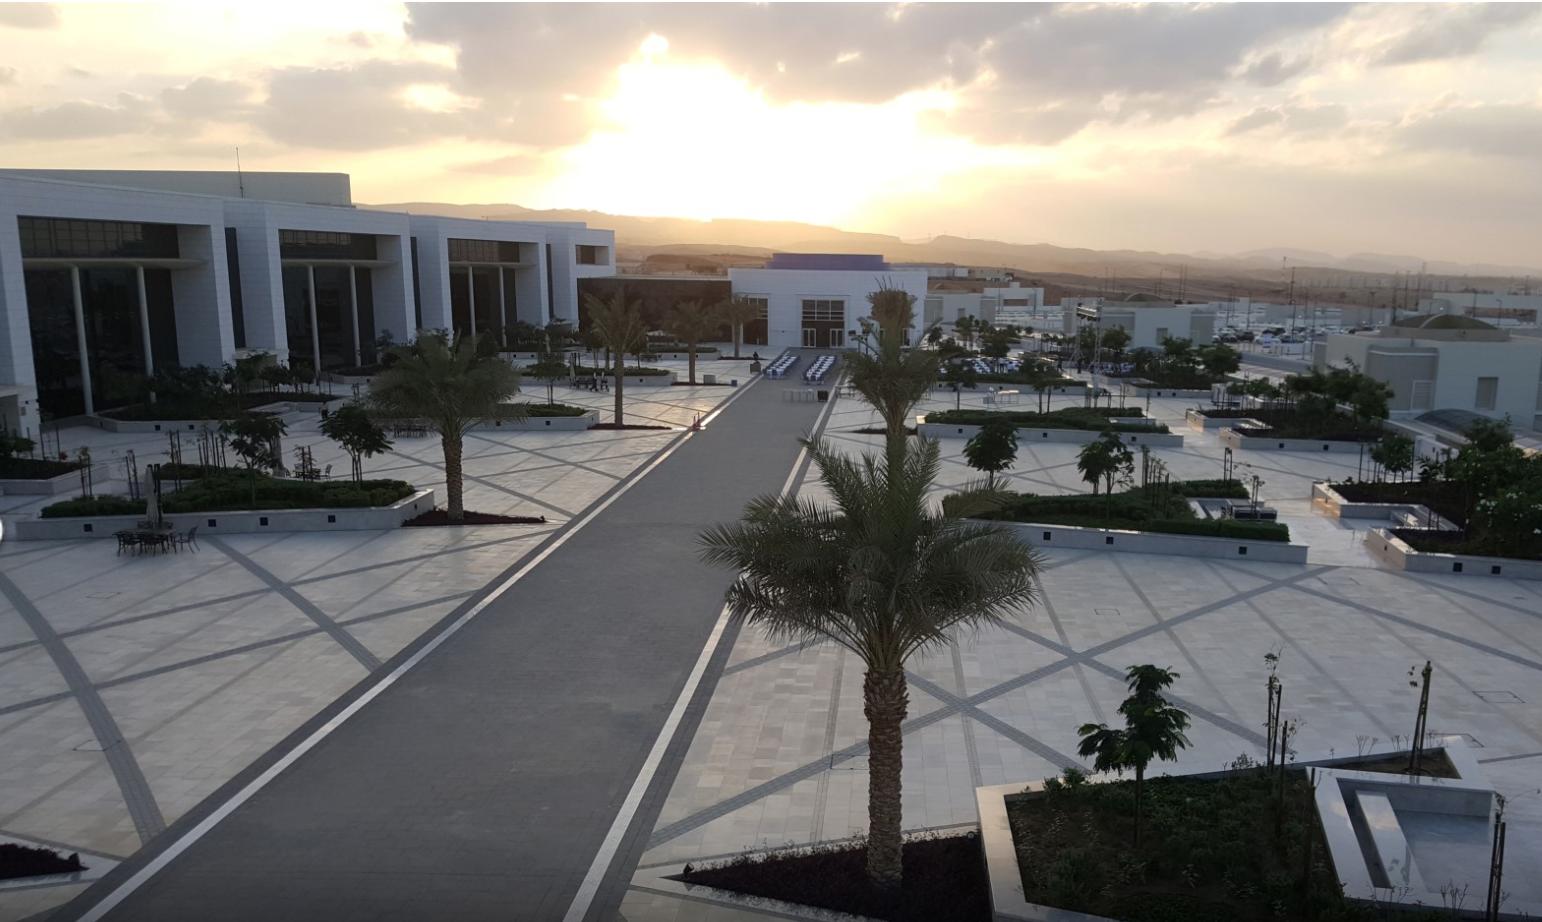 La deuxième phase des travaux du nouveau centre des congrès d'Oman s'est terminée en avril © Oman convention & exhibition center